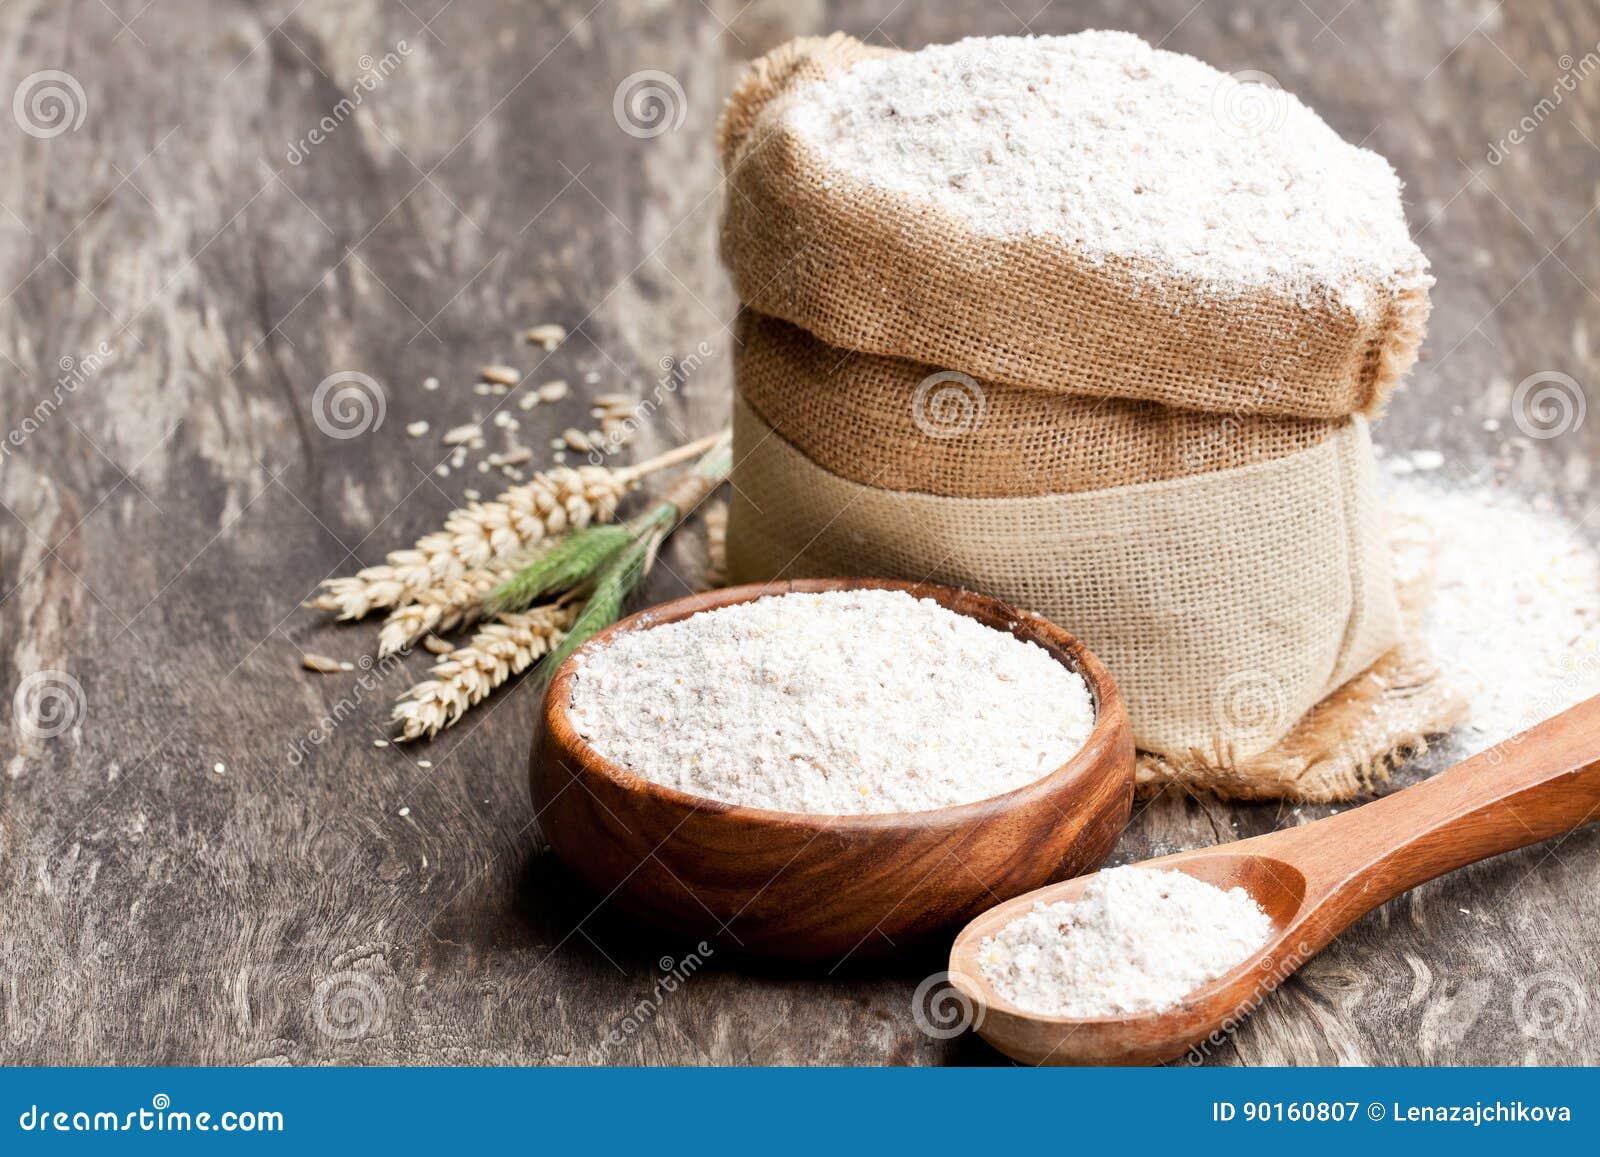 Ολόκληρο αλεύρι σιταριού στα αυτιά ξύλινων κύπελλων και sackcloth bagwith